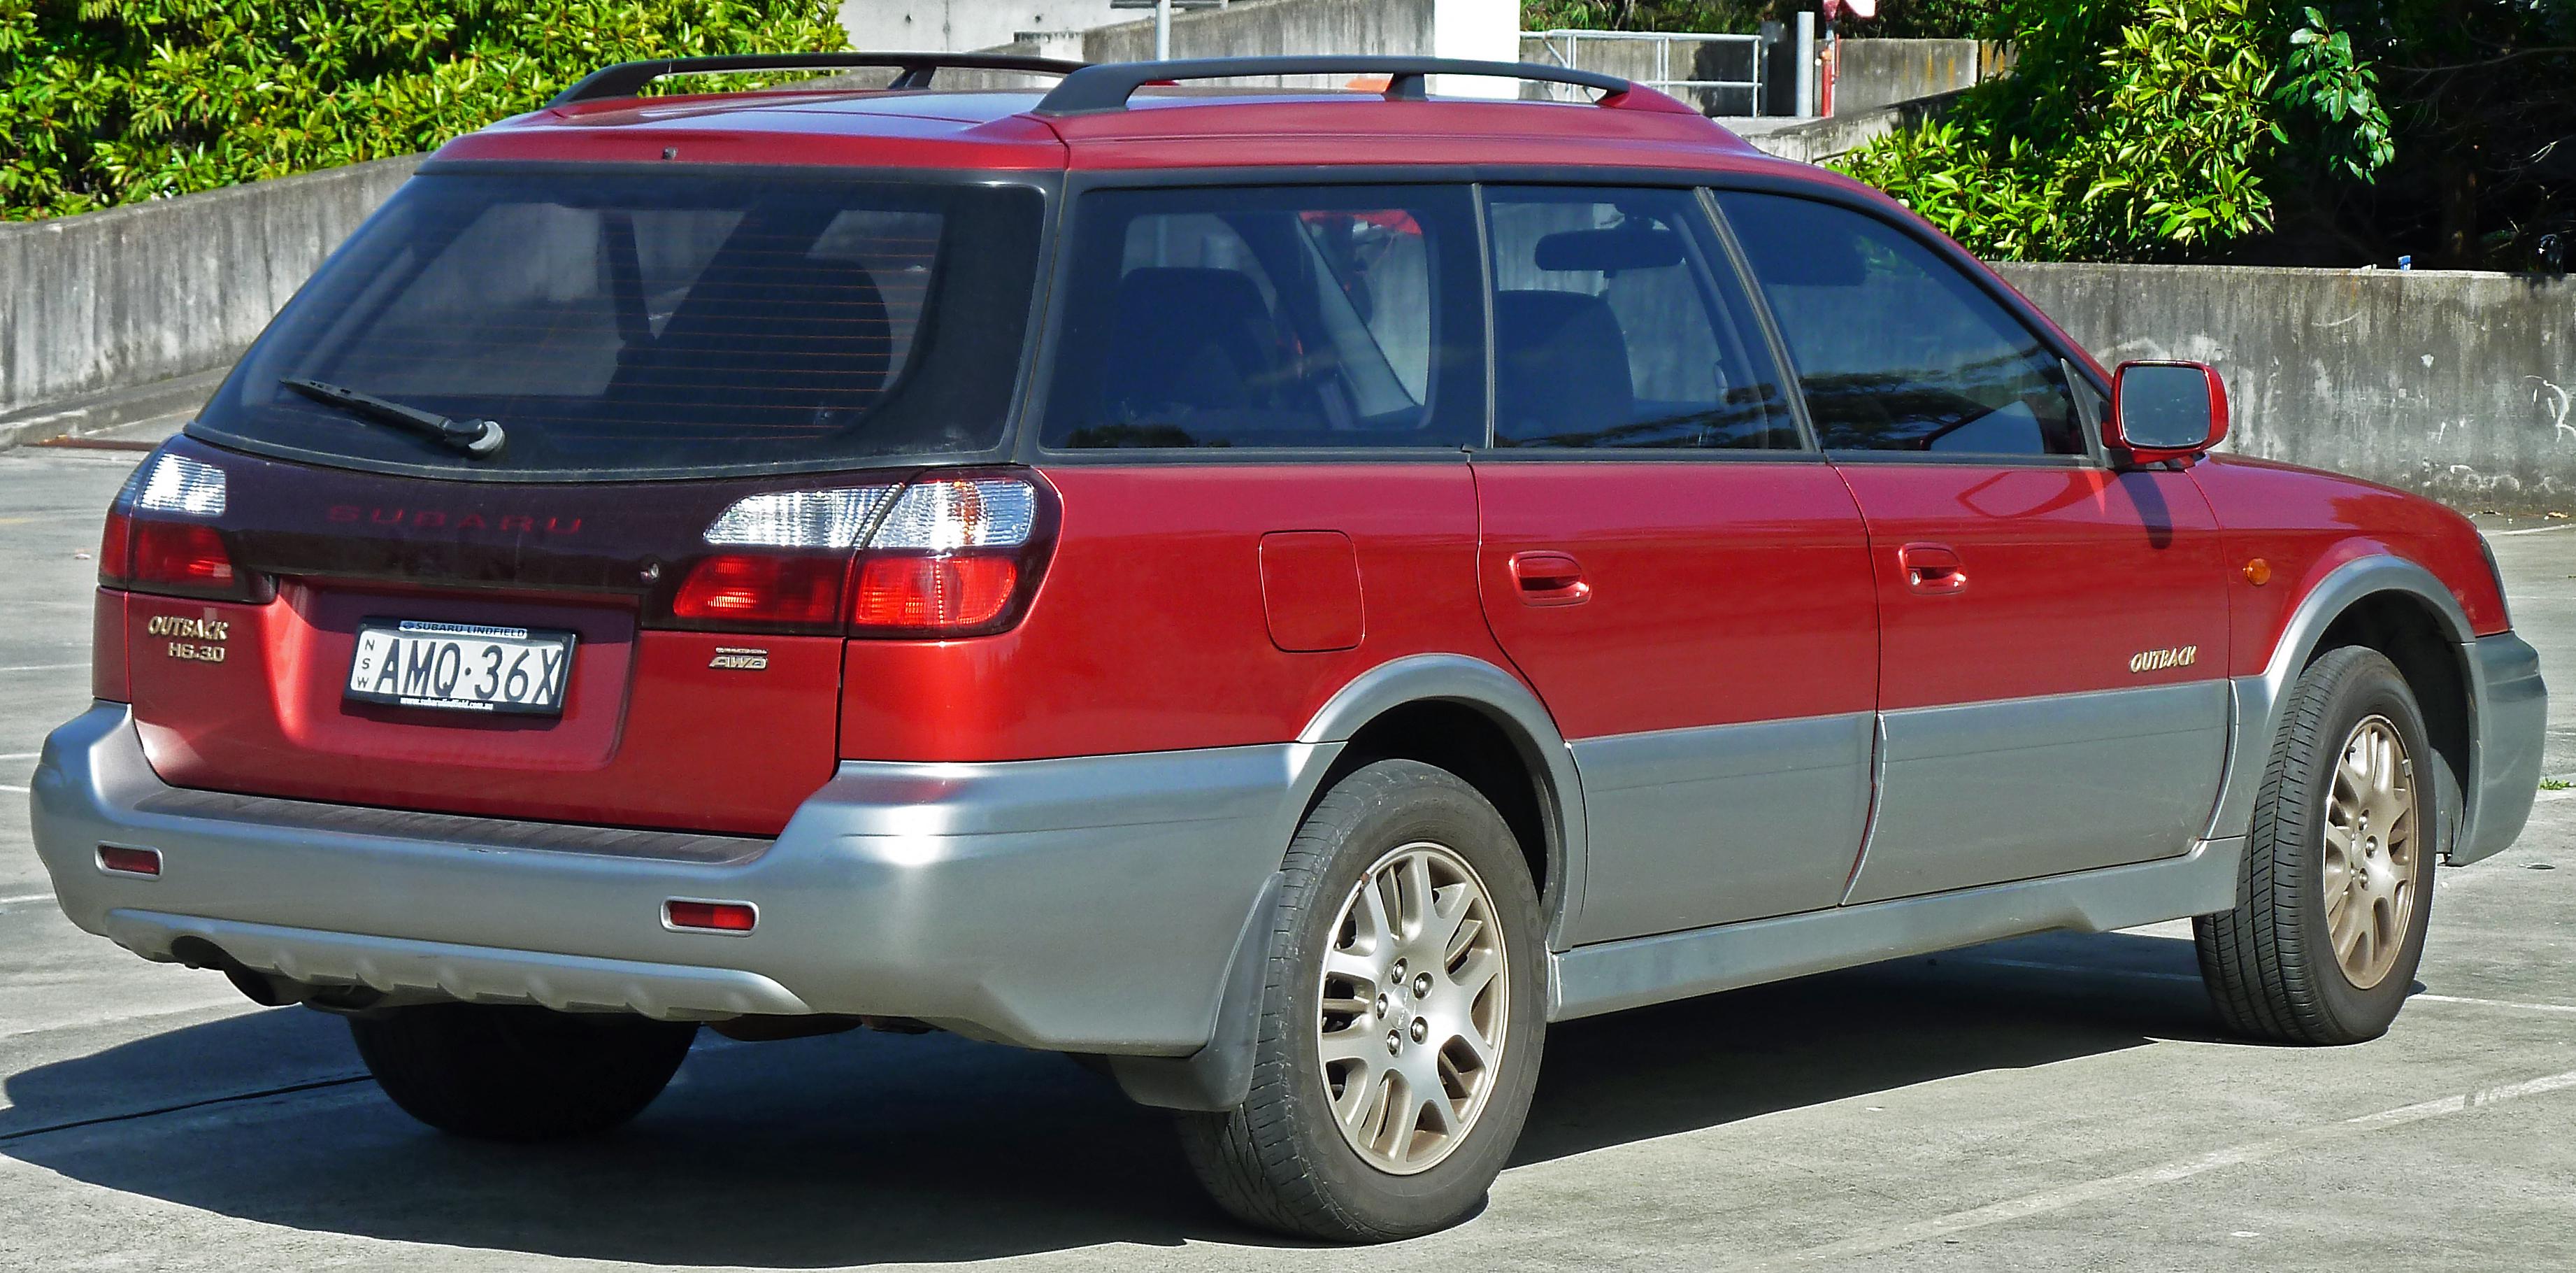 2002 Subaru Outback Image 4